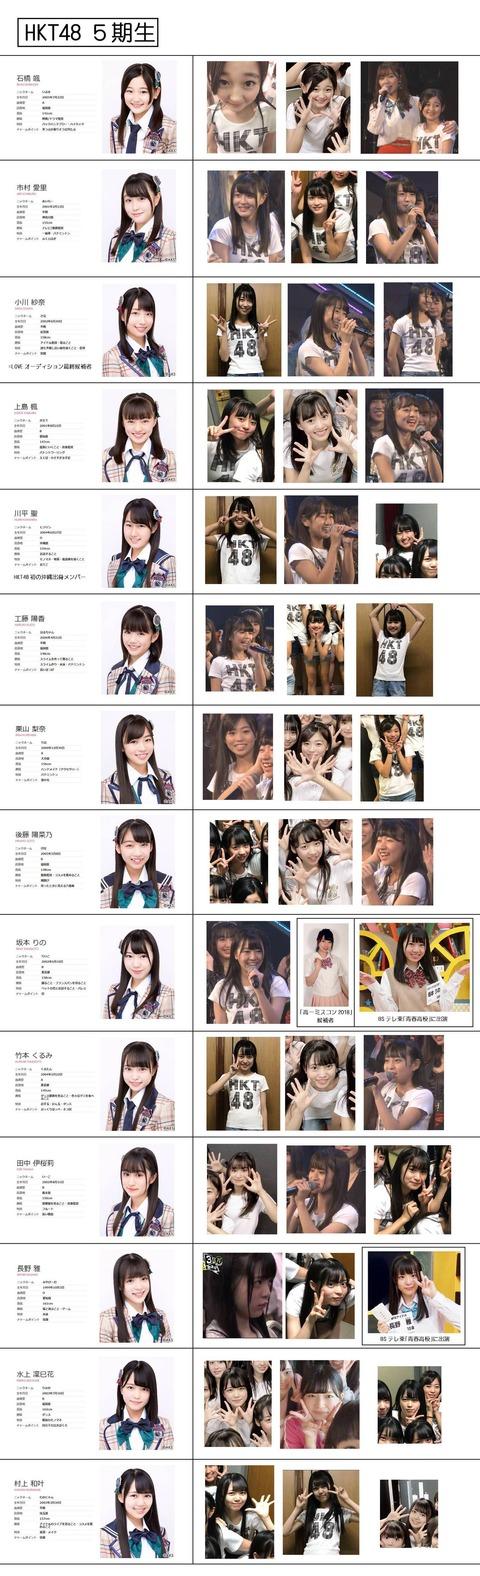 【朗報】HKT48の5期生が逸材ばかりな件